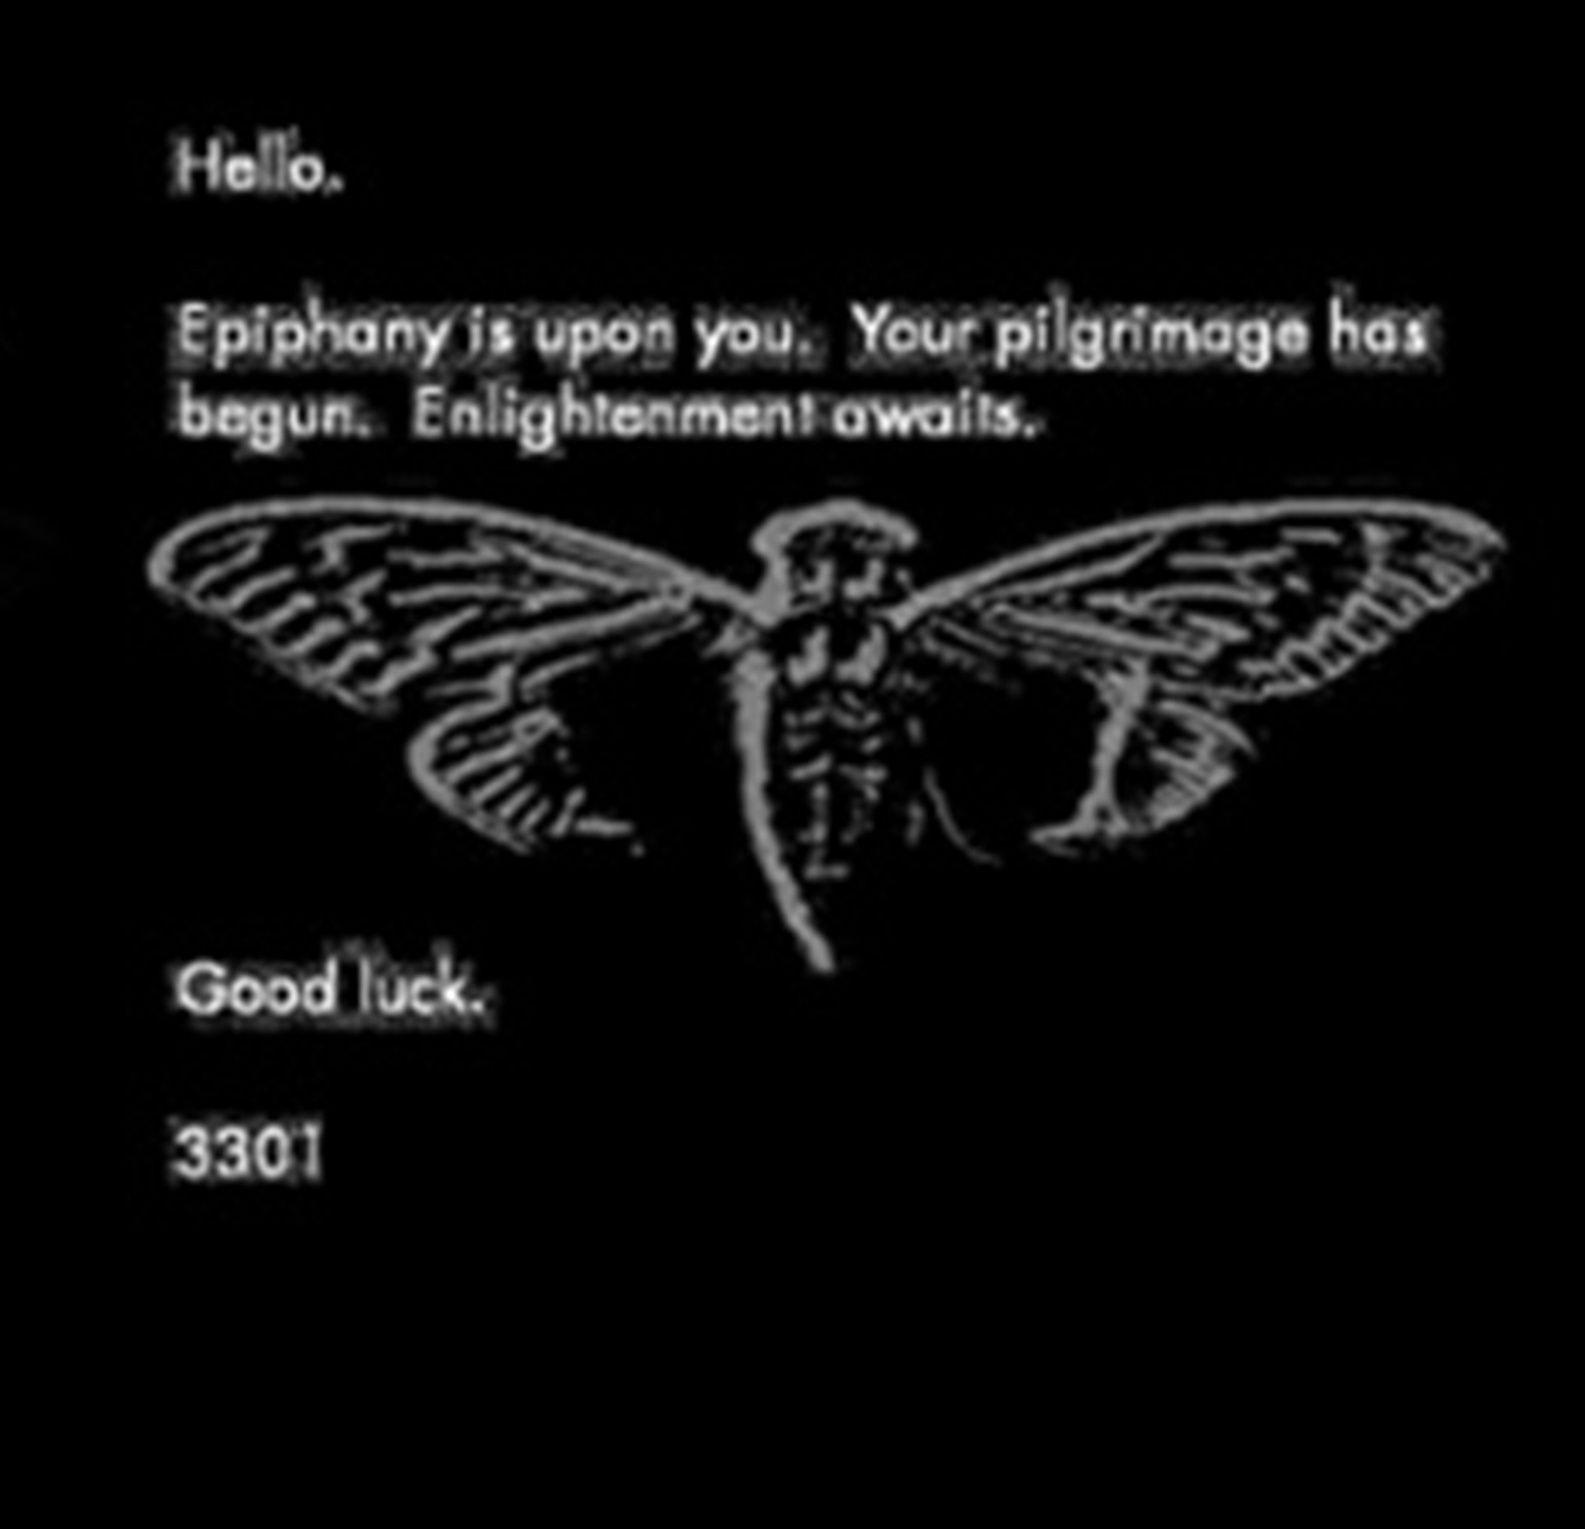 Cicada 3301 Message Men Quotes Cicada Internet Games